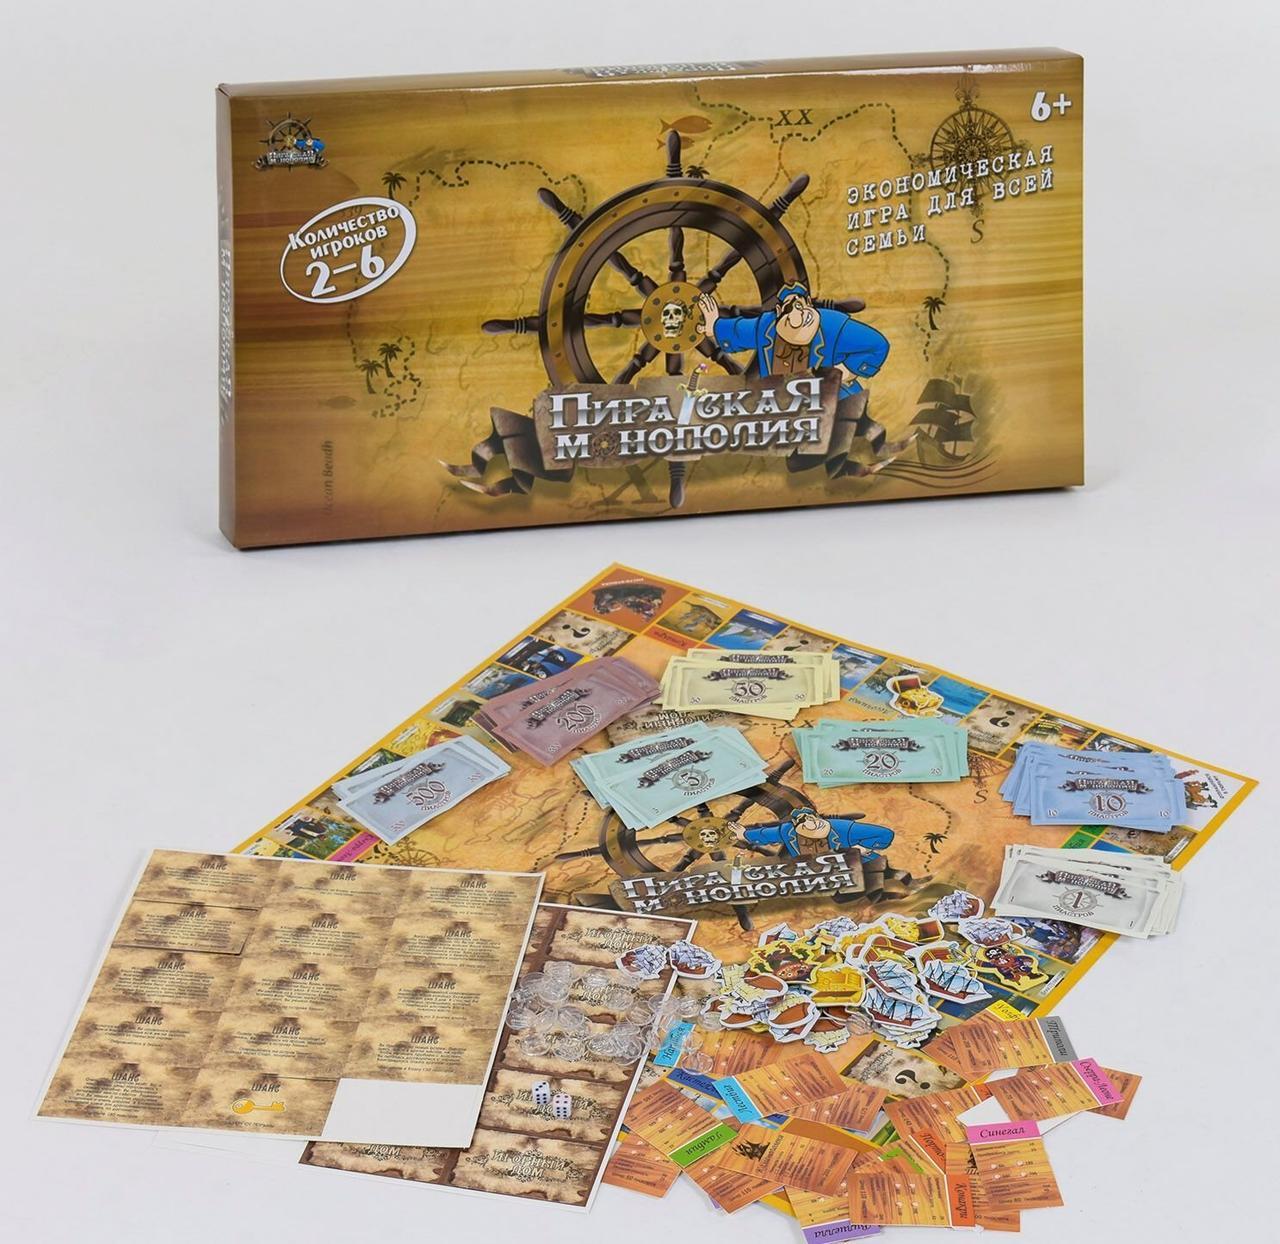 2901R Монополия Пиратская настольная игра коробке